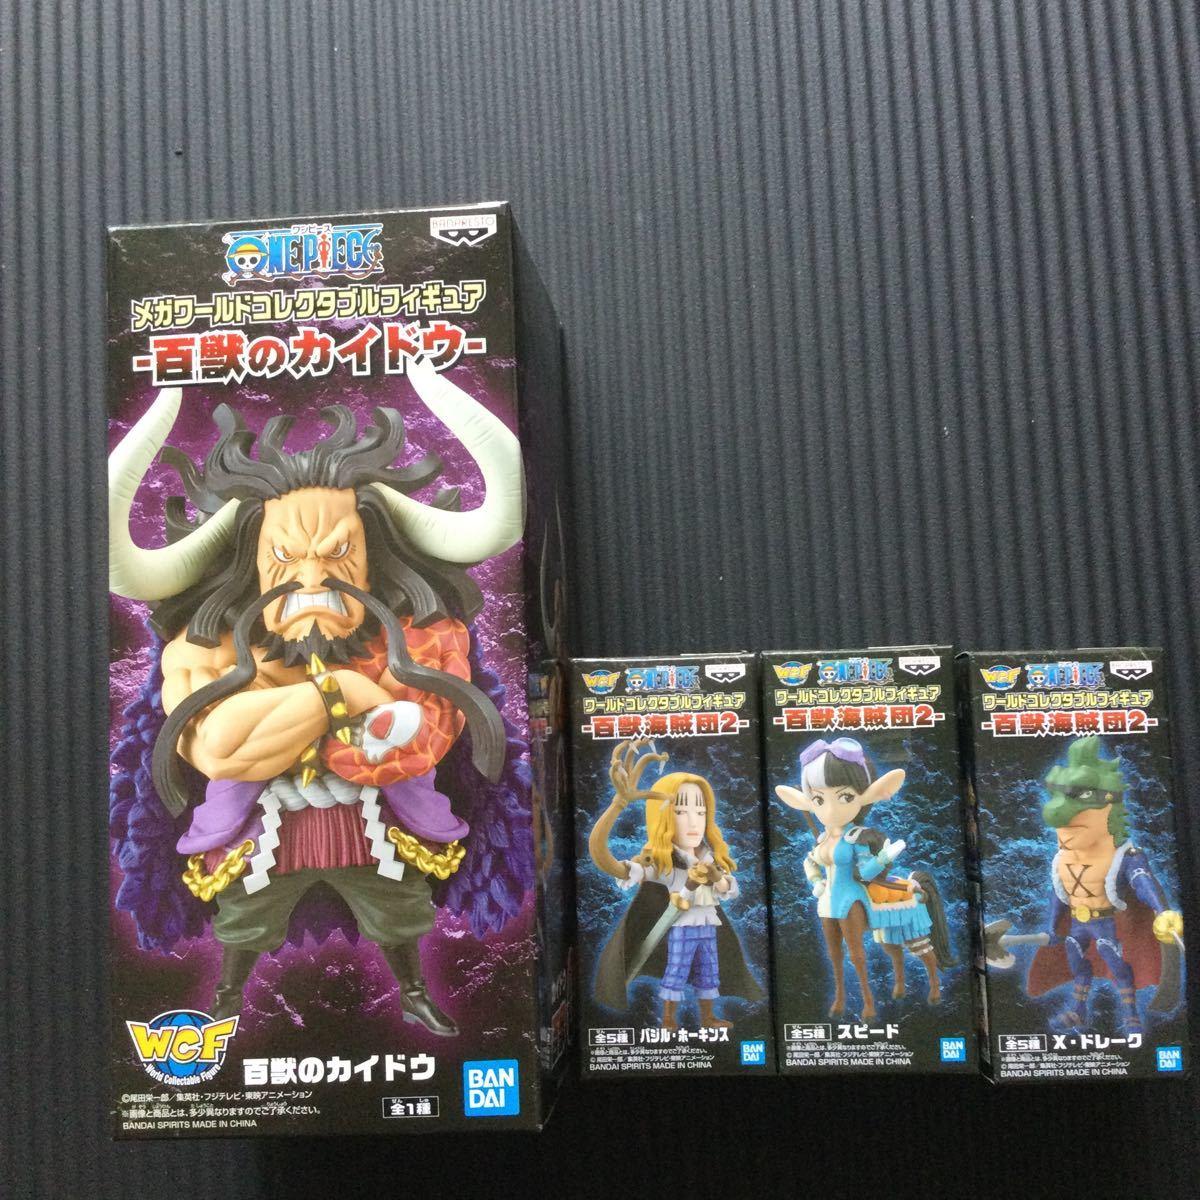 ワンピースワールドコレクタブルフィギュア百獣海賊団2と百獣カイドウ